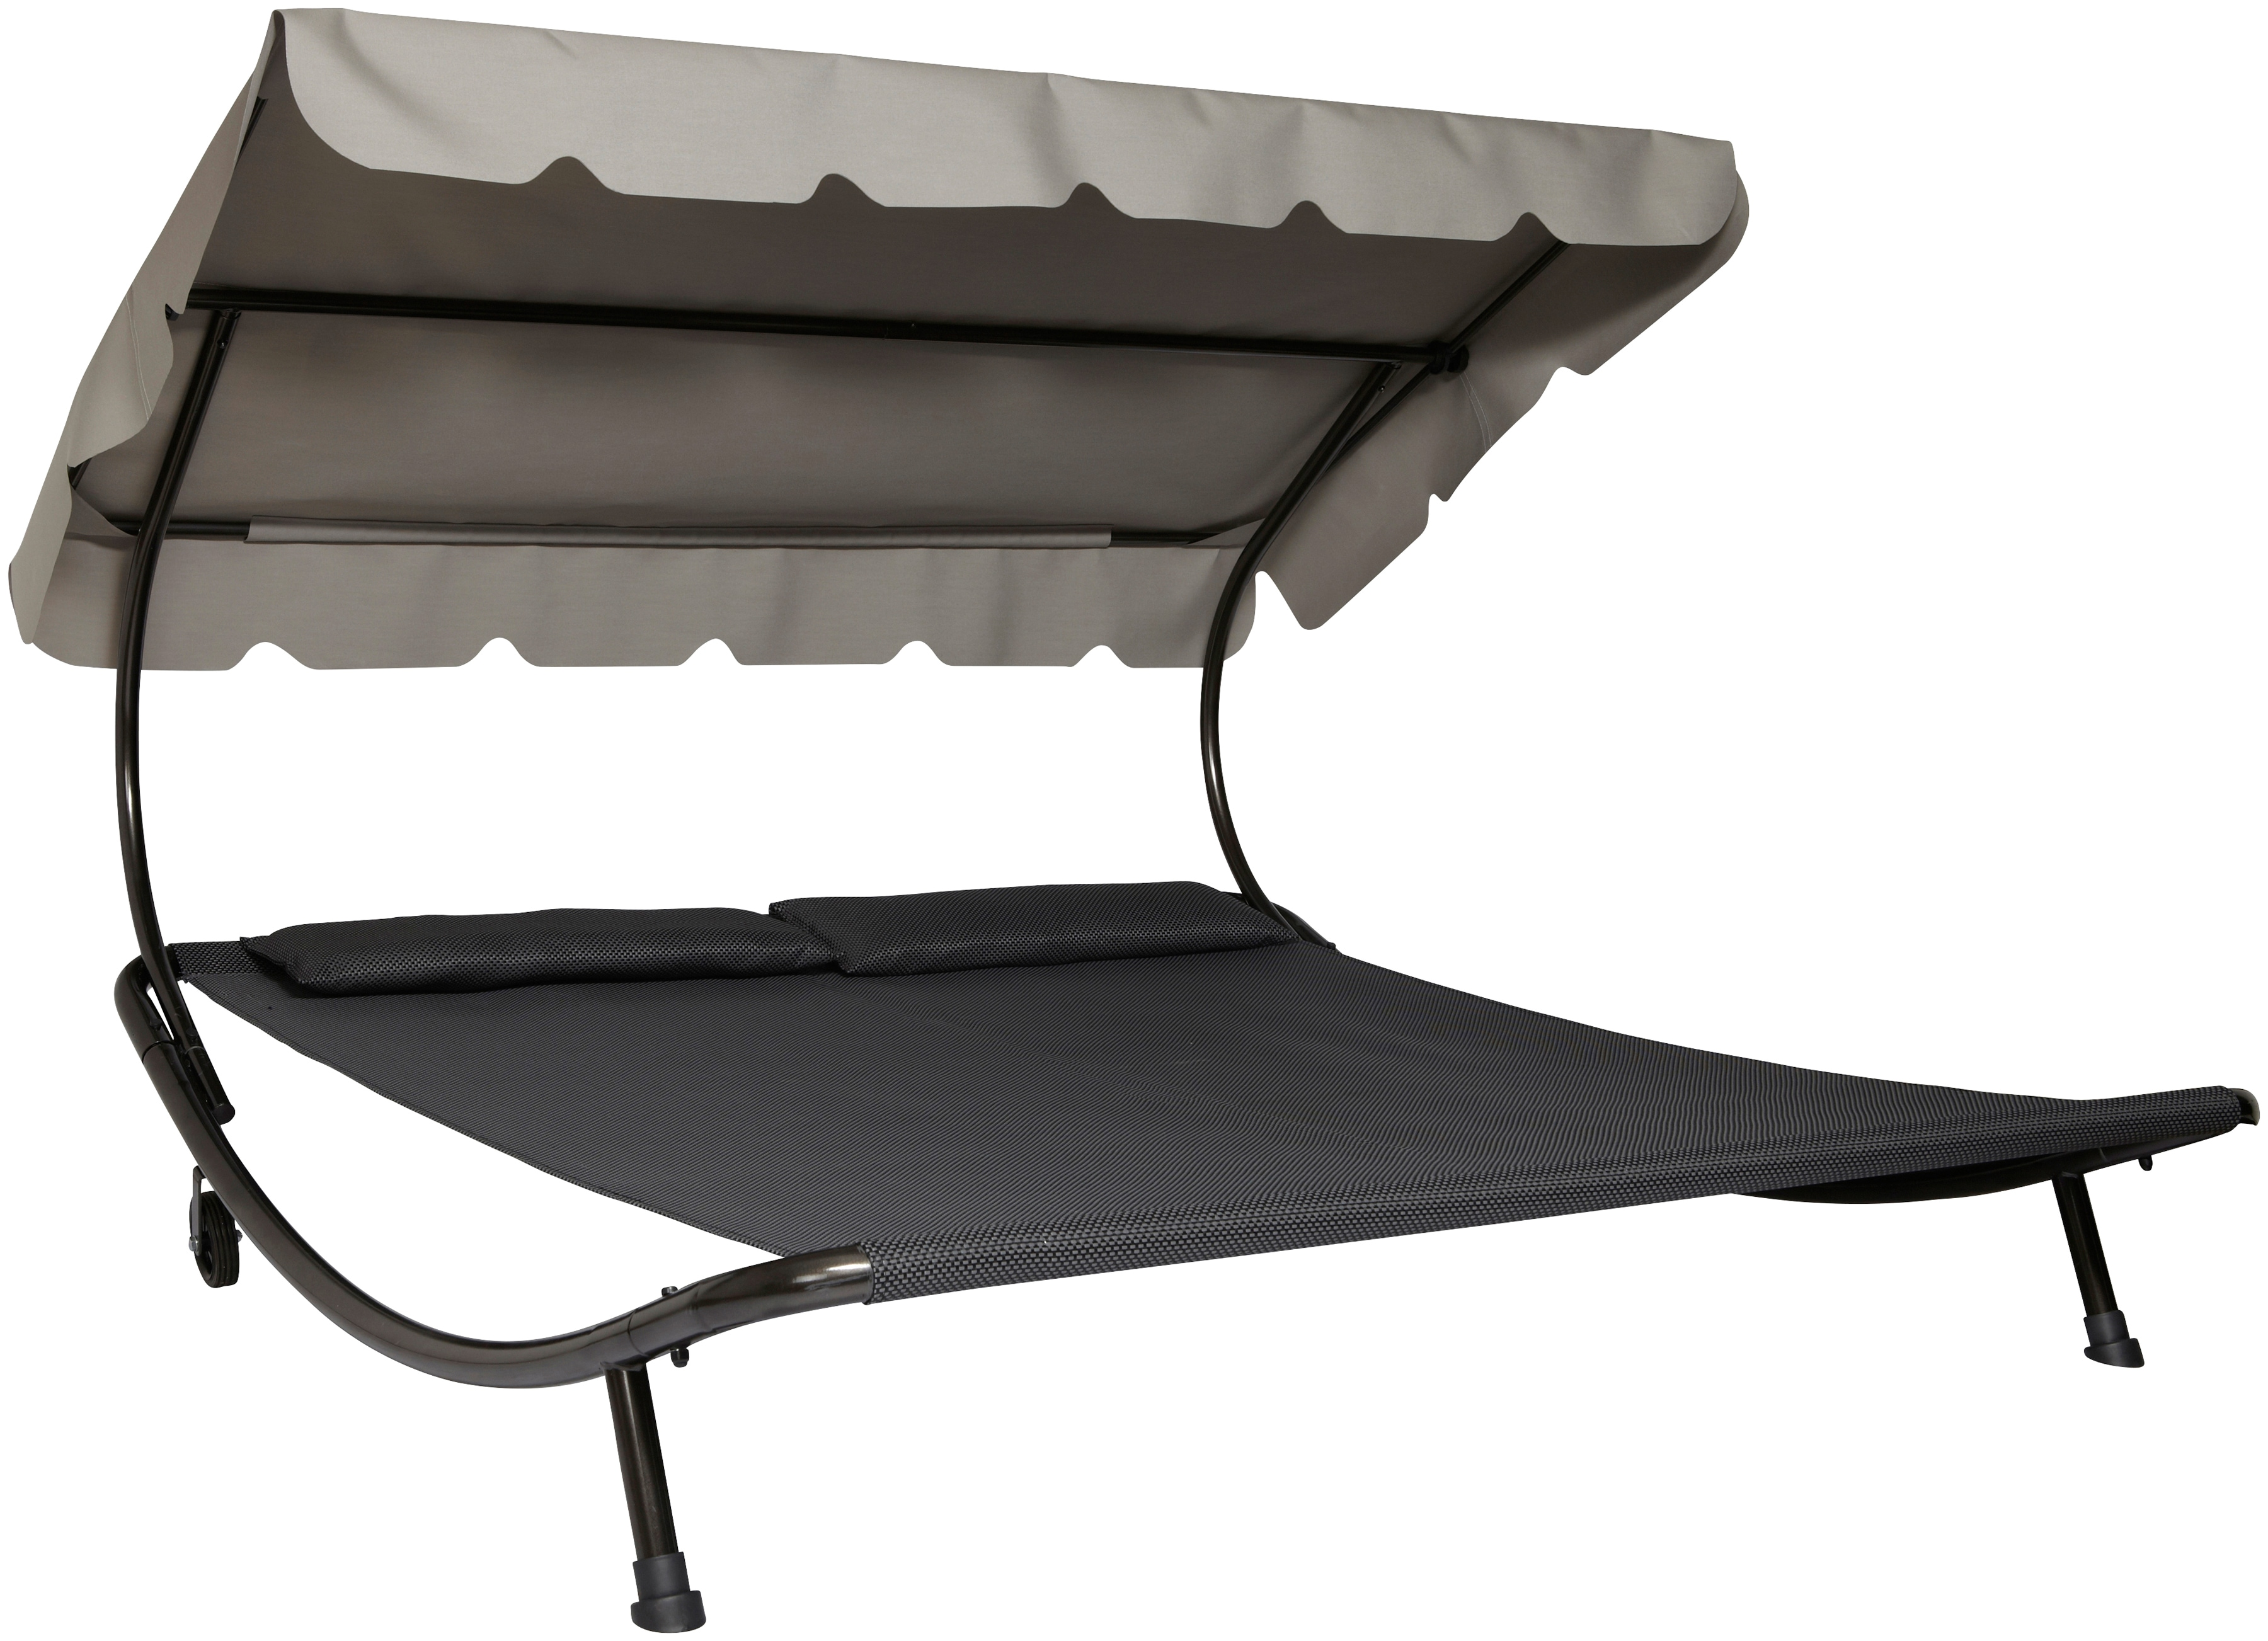 Leco Doppelliege, Stahl/Textil, 200x200 cm grau Doppelliege Gartenliegen Gartenmöbel Gartendeko